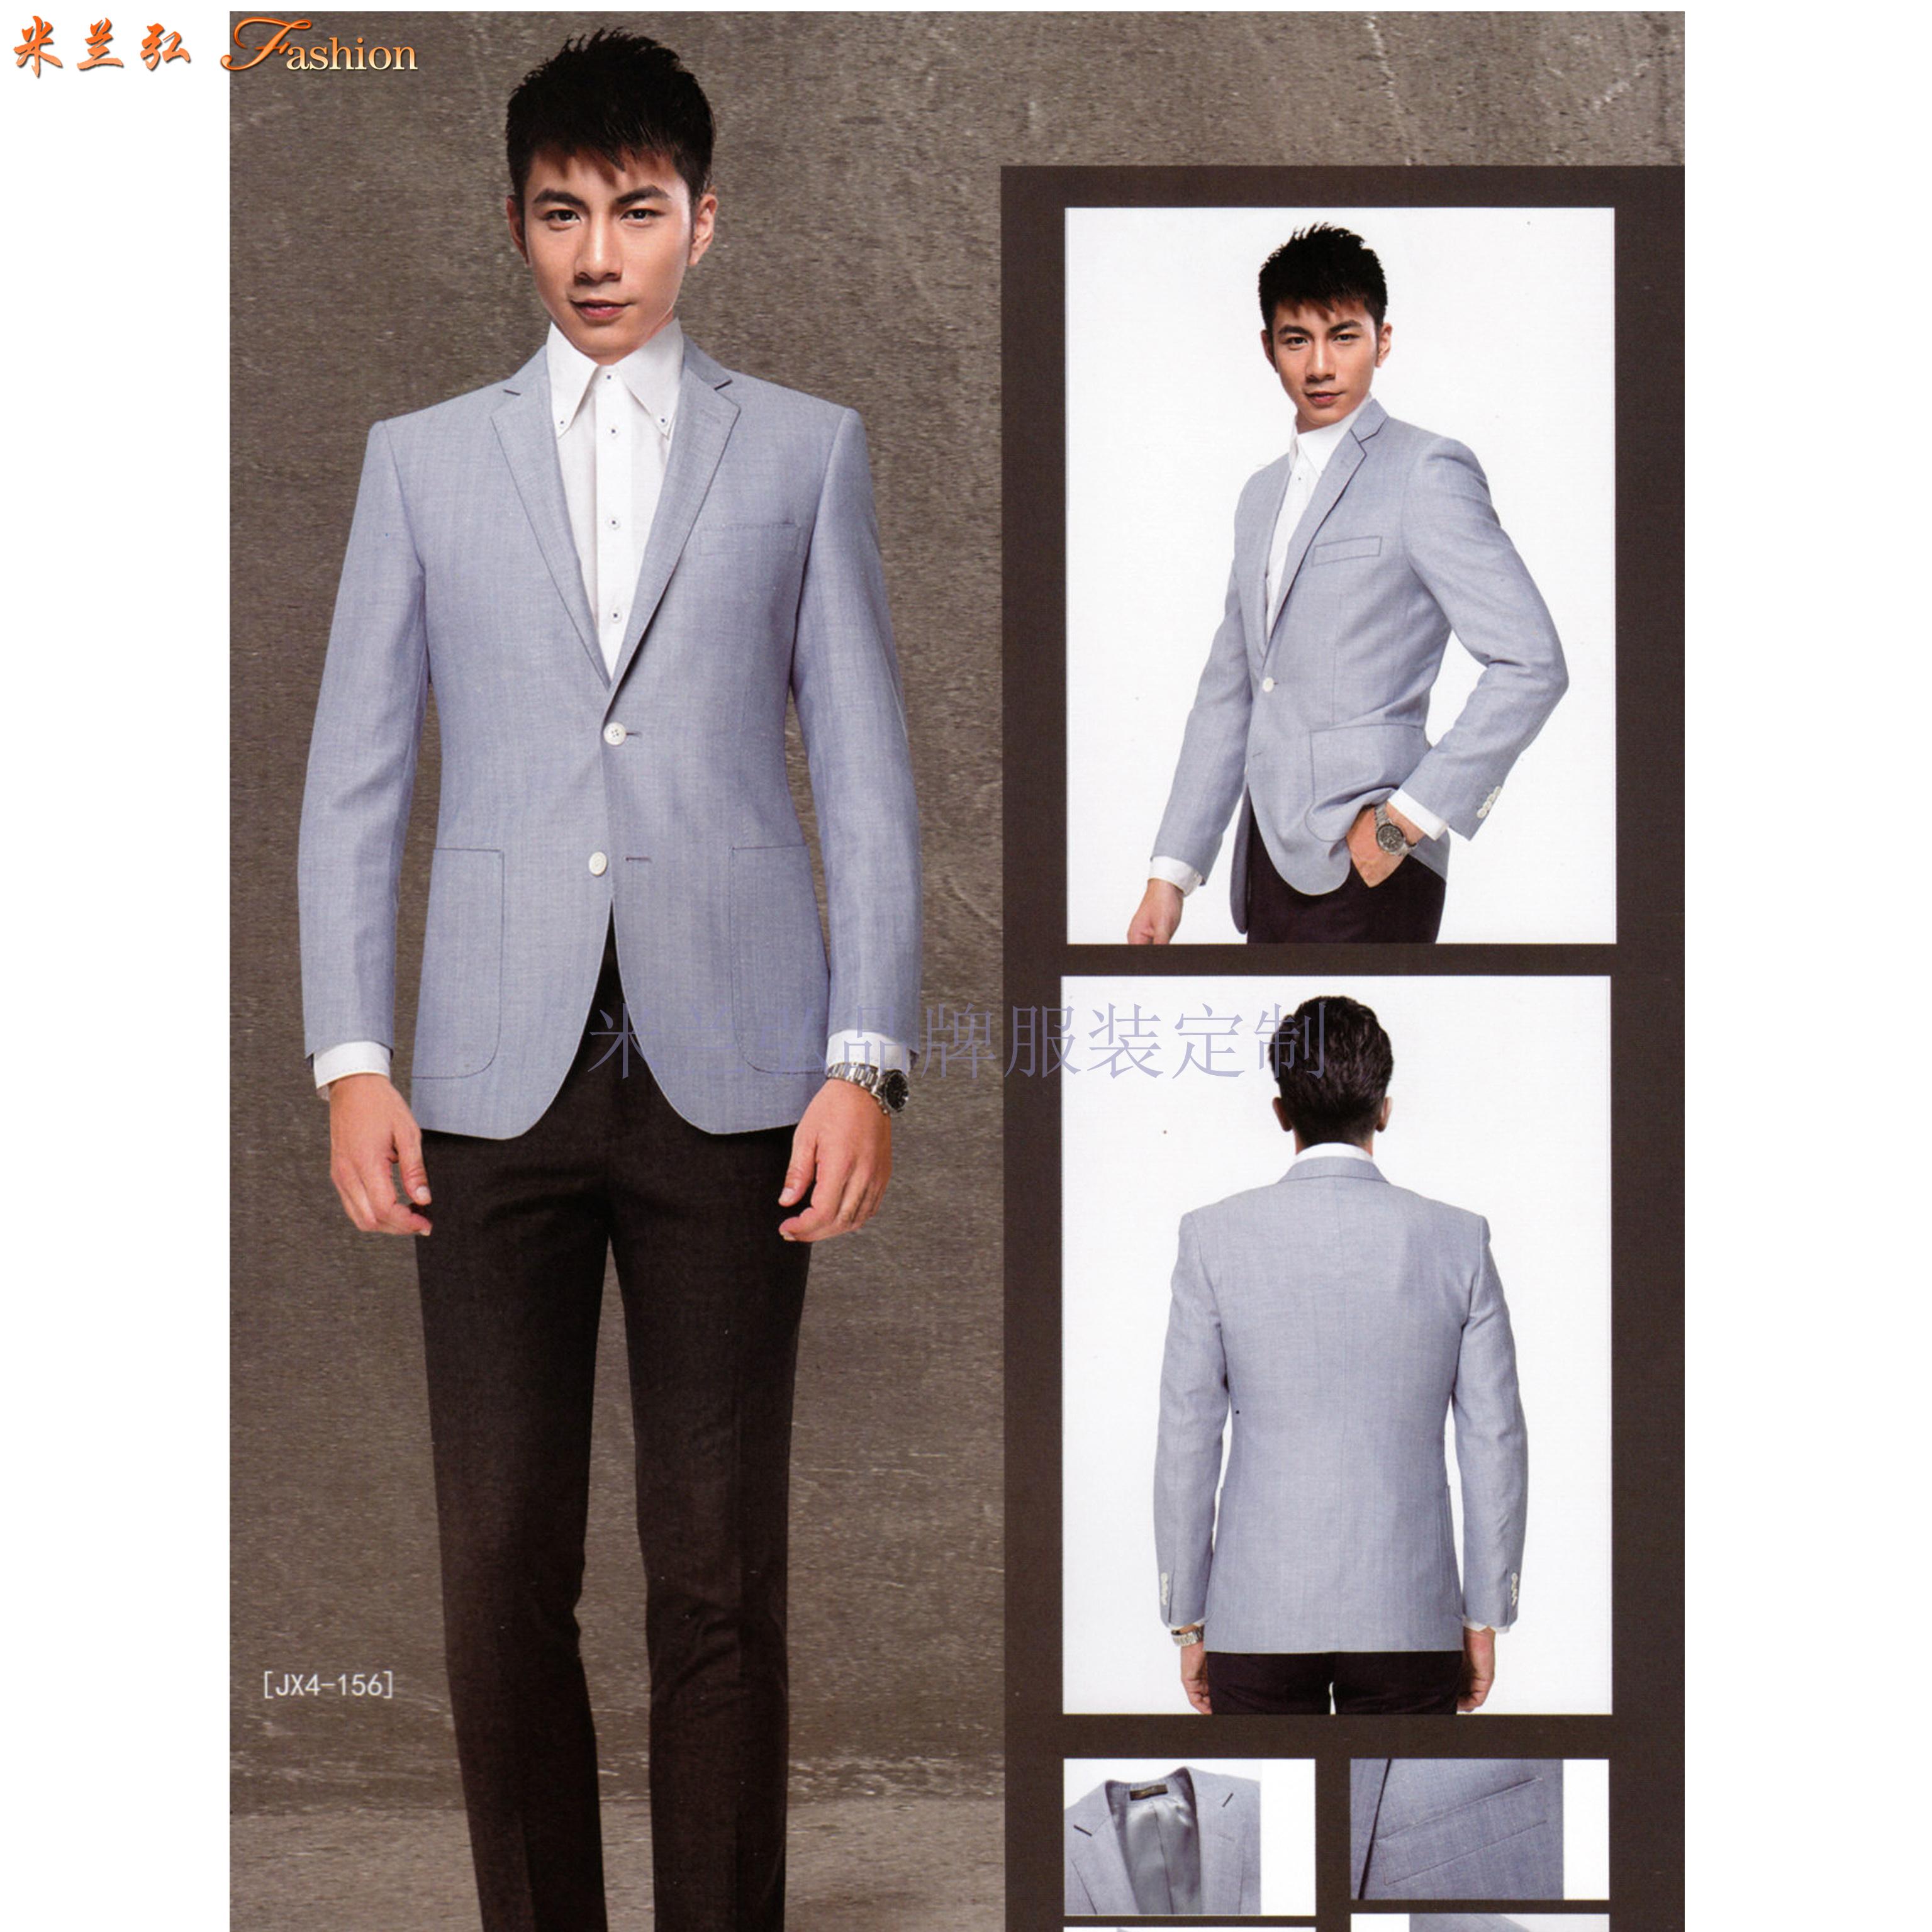 西服定做就選米蘭弘服裝訂制-符合于您氣質的西裝定制品牌-5